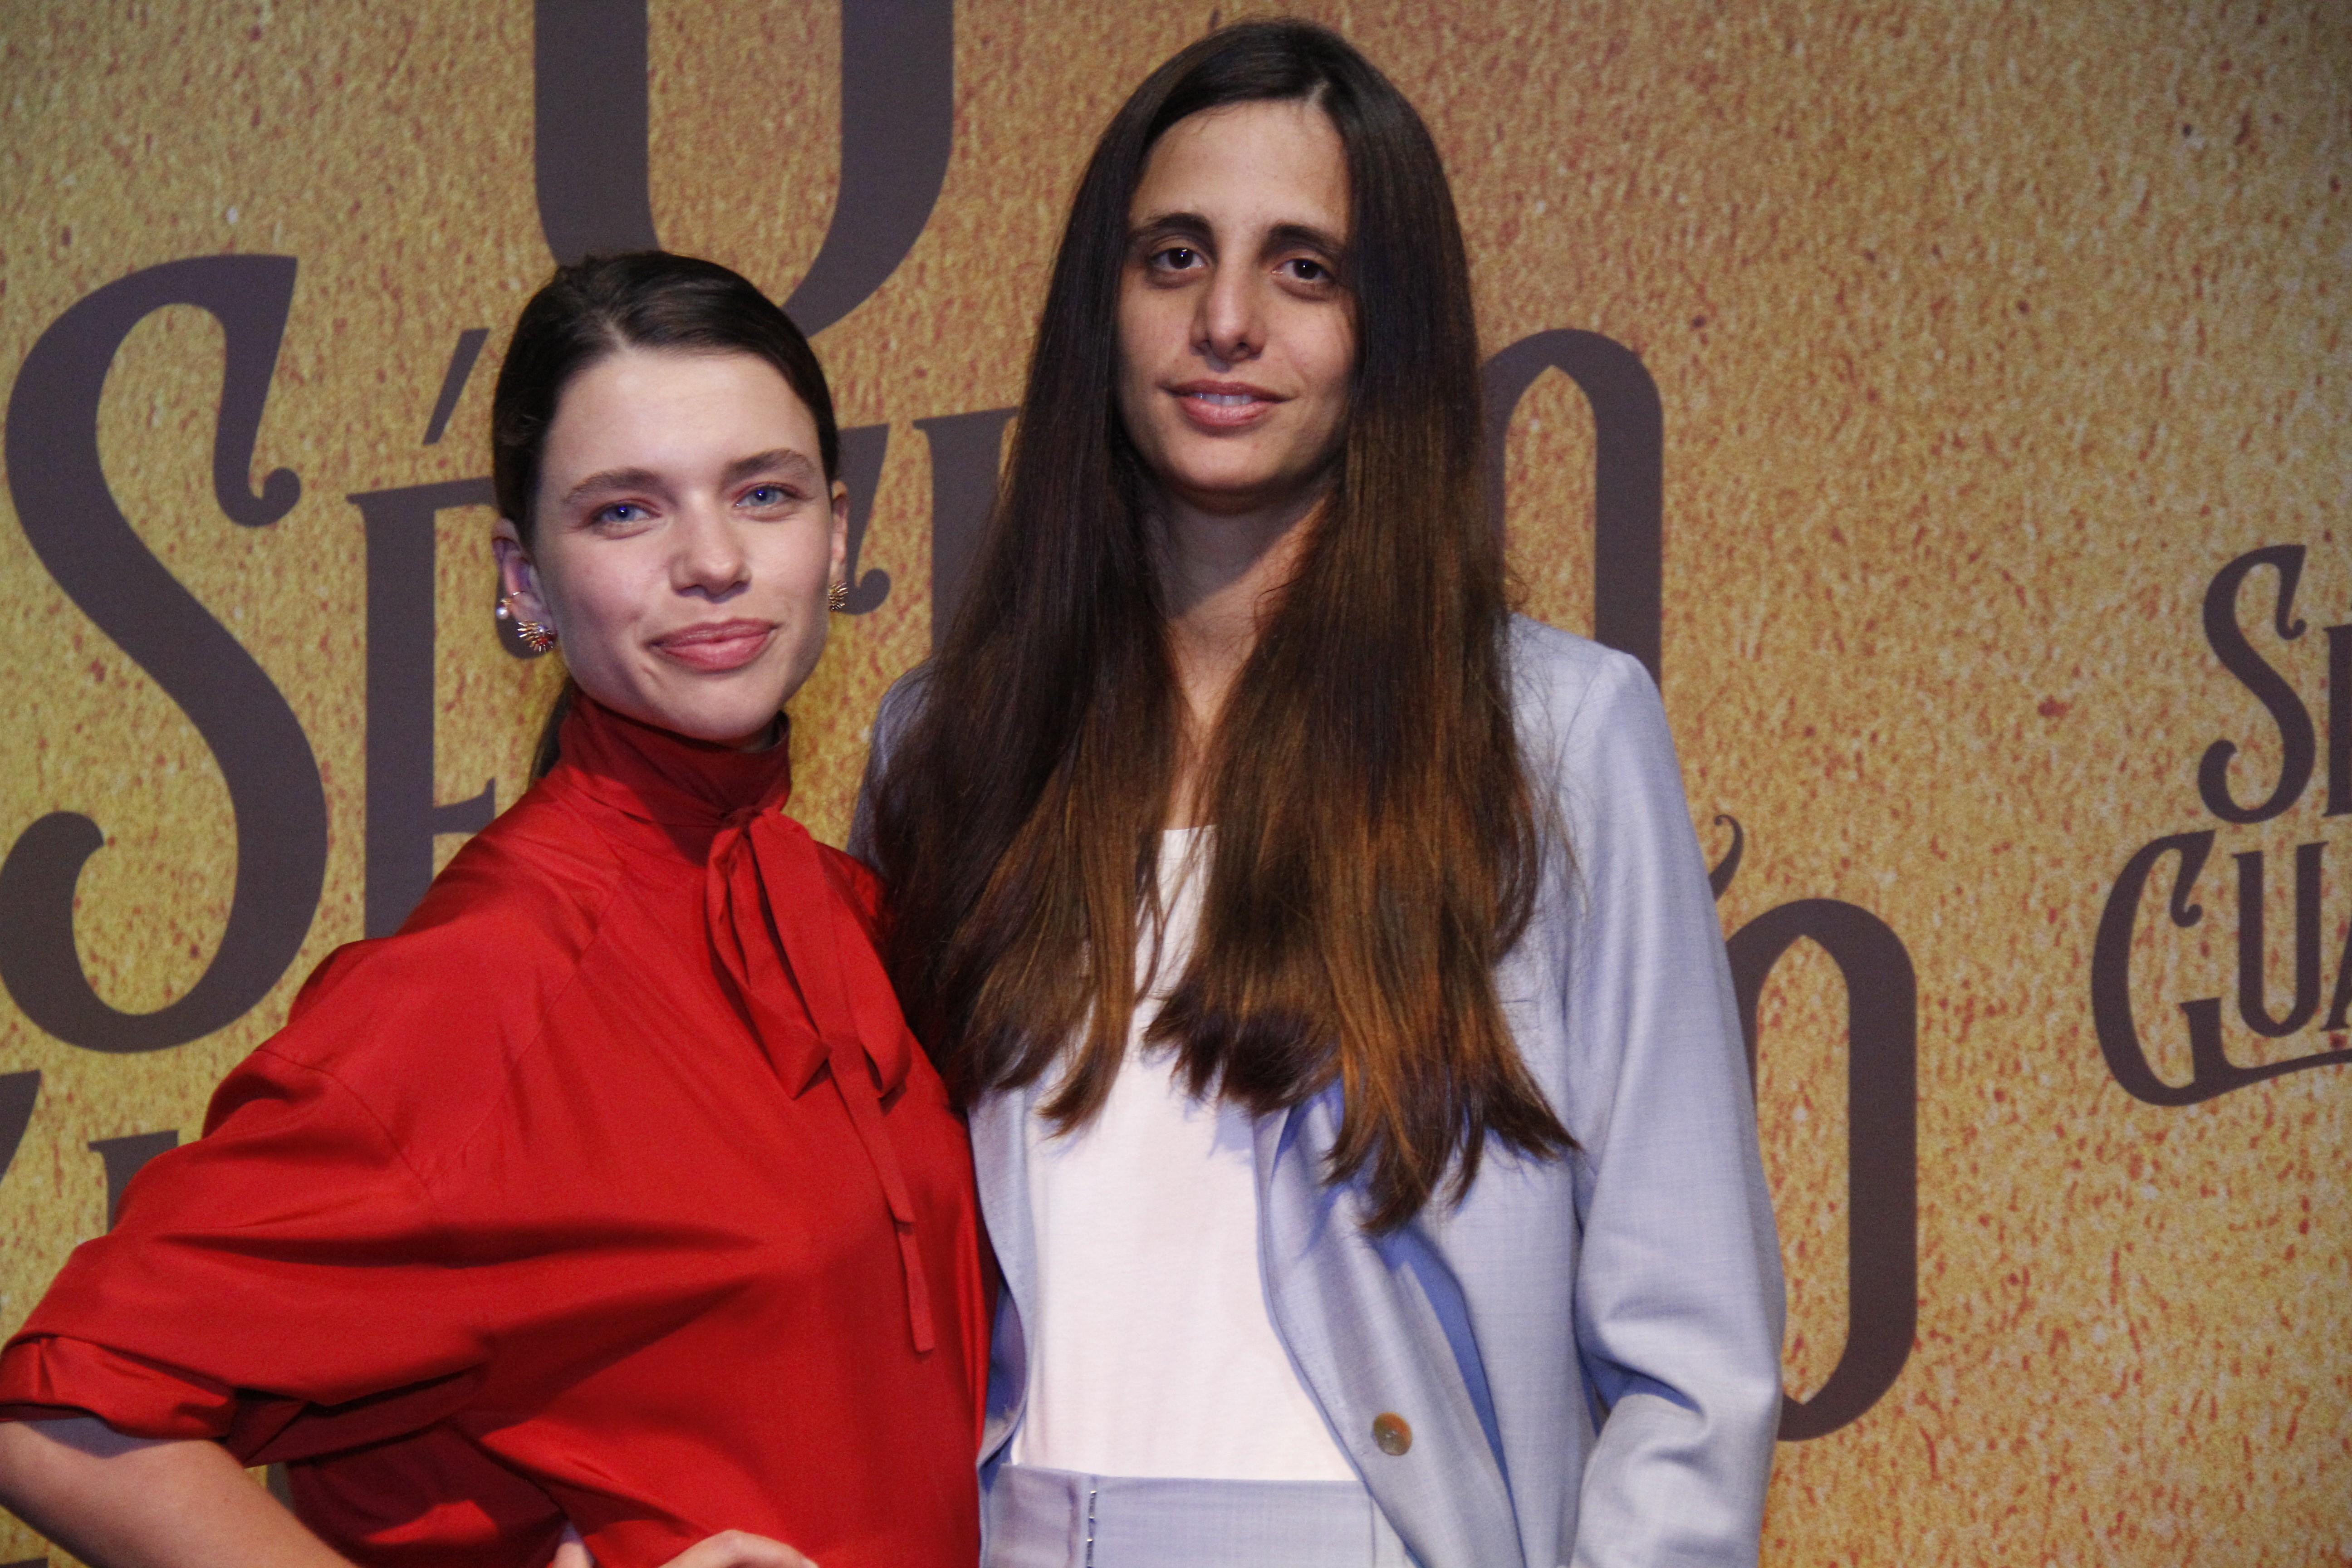 Bruna Linzmeyer e Priscila Visman (Foto: Reprodução Instagram)